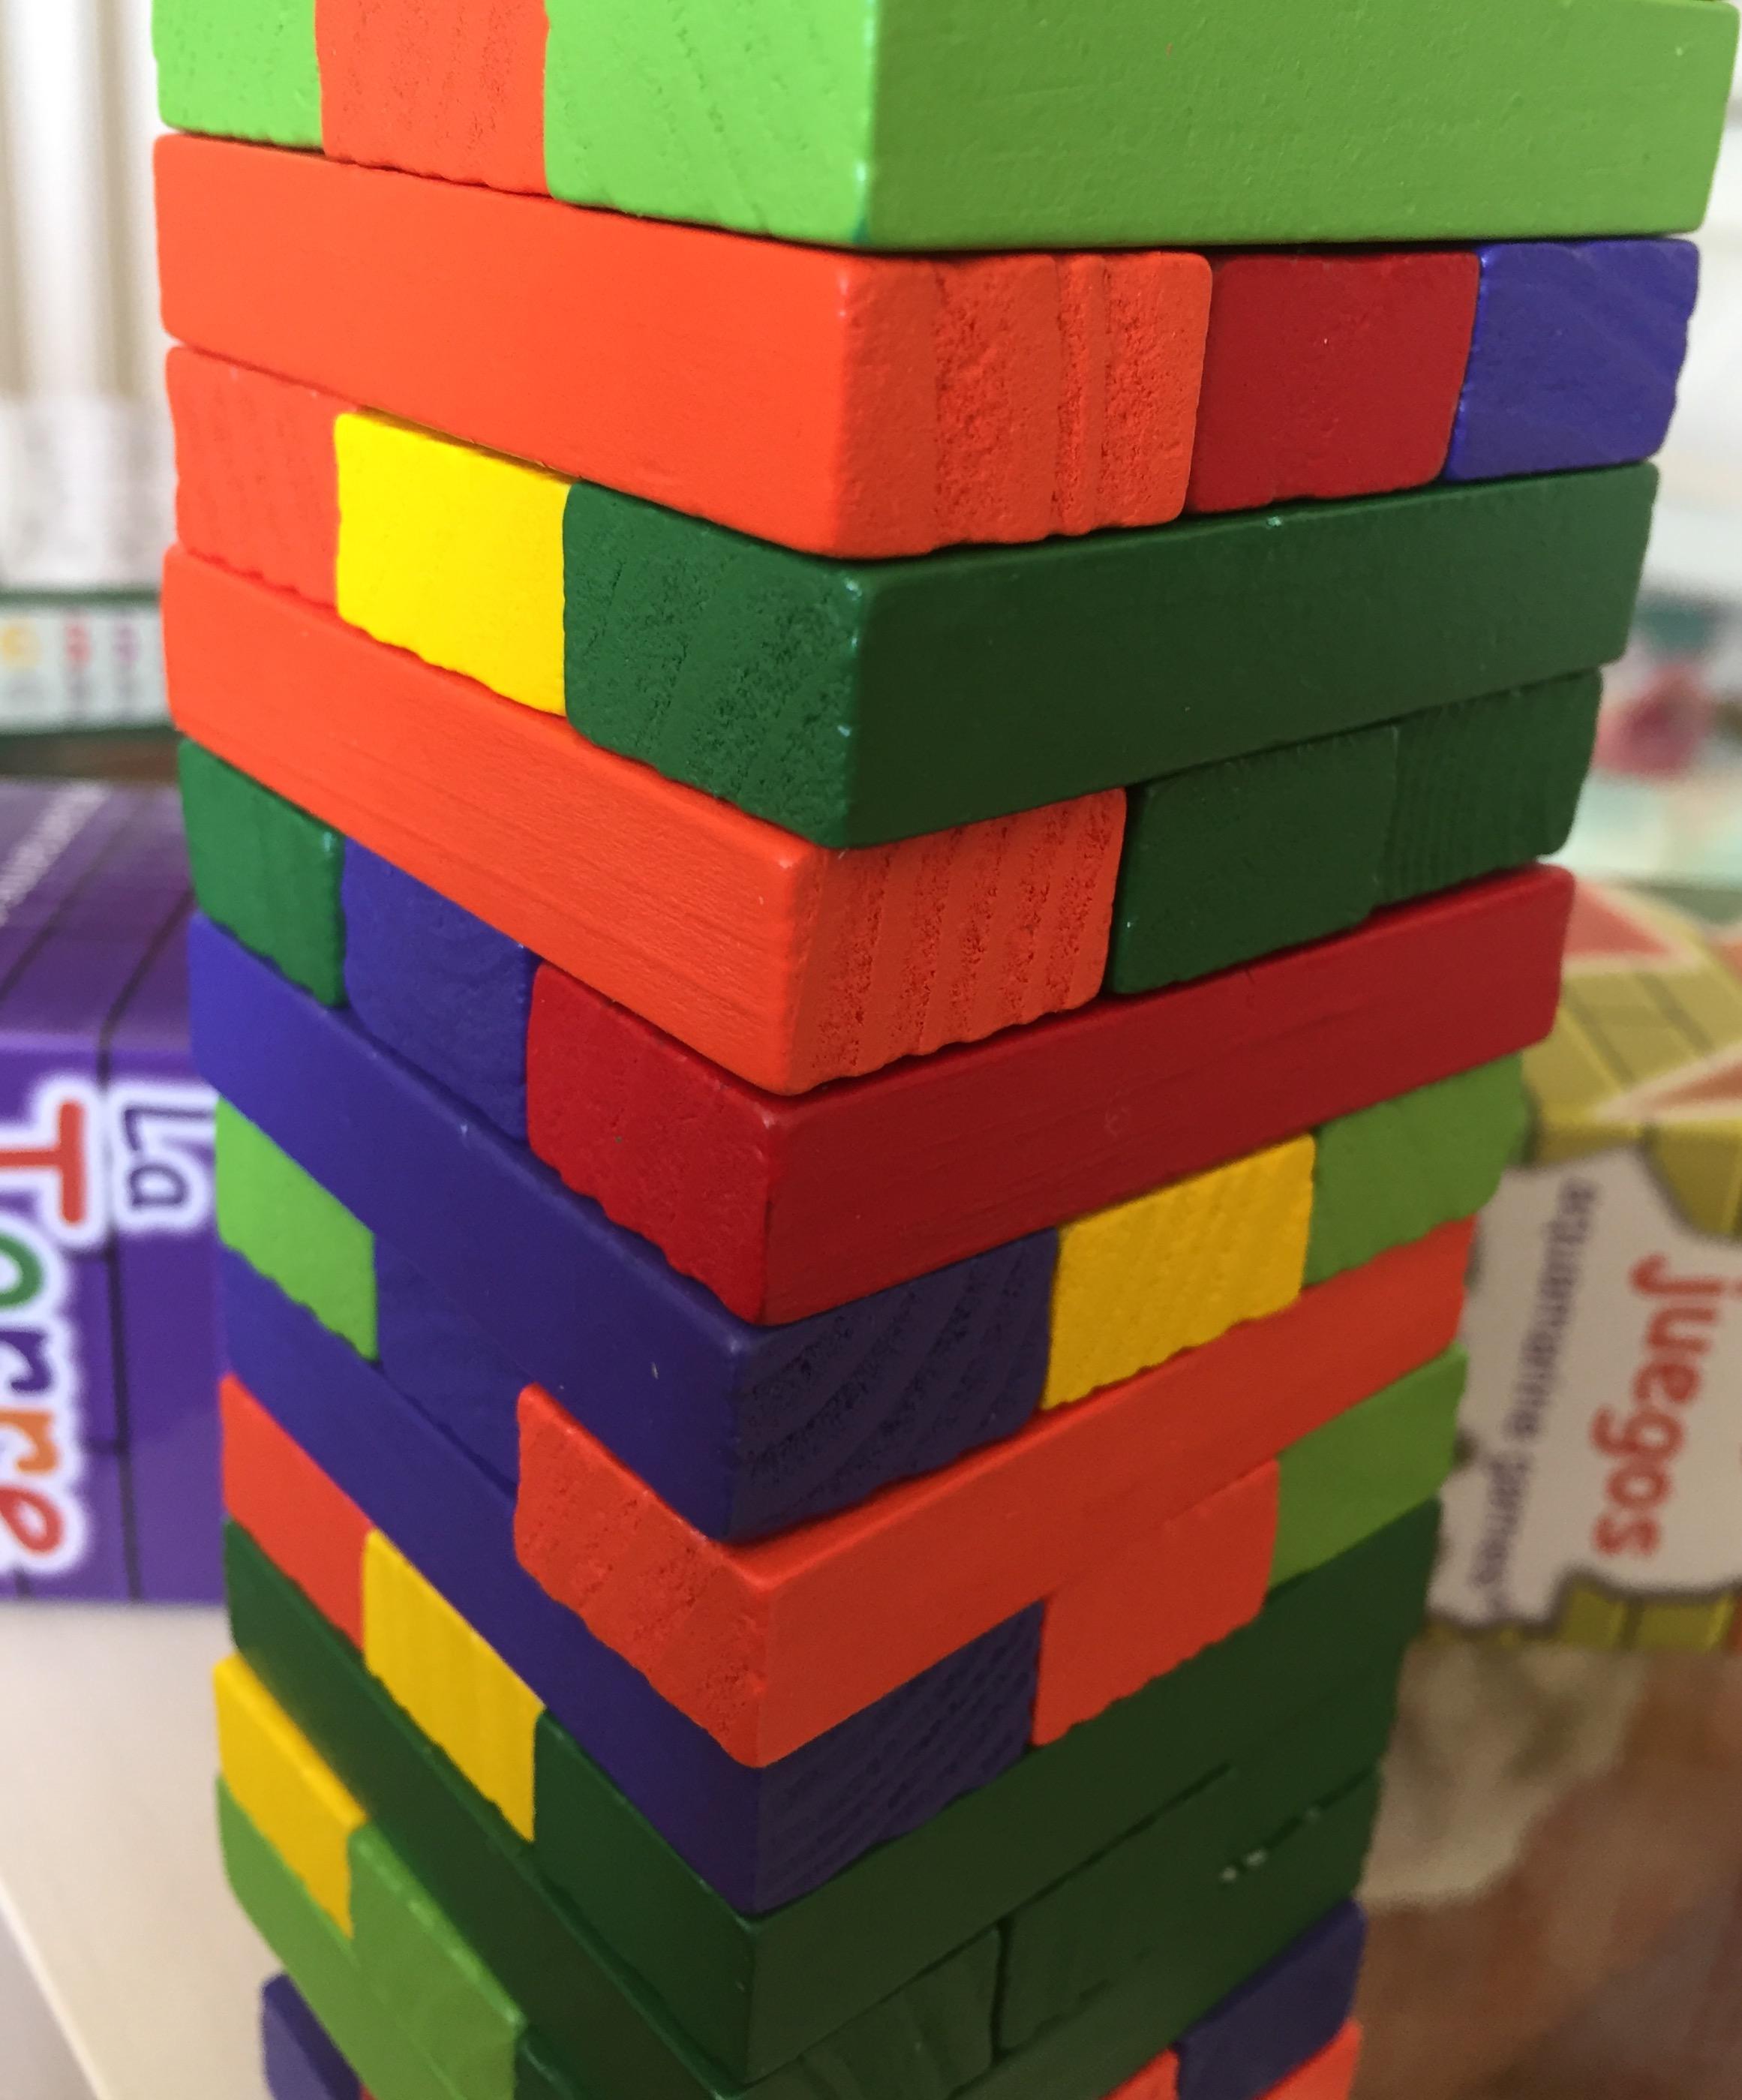 Aquamarine Games-La torre de colores, Miscelanea (Compudid CP006): Amazon.es: Juguetes y juegos